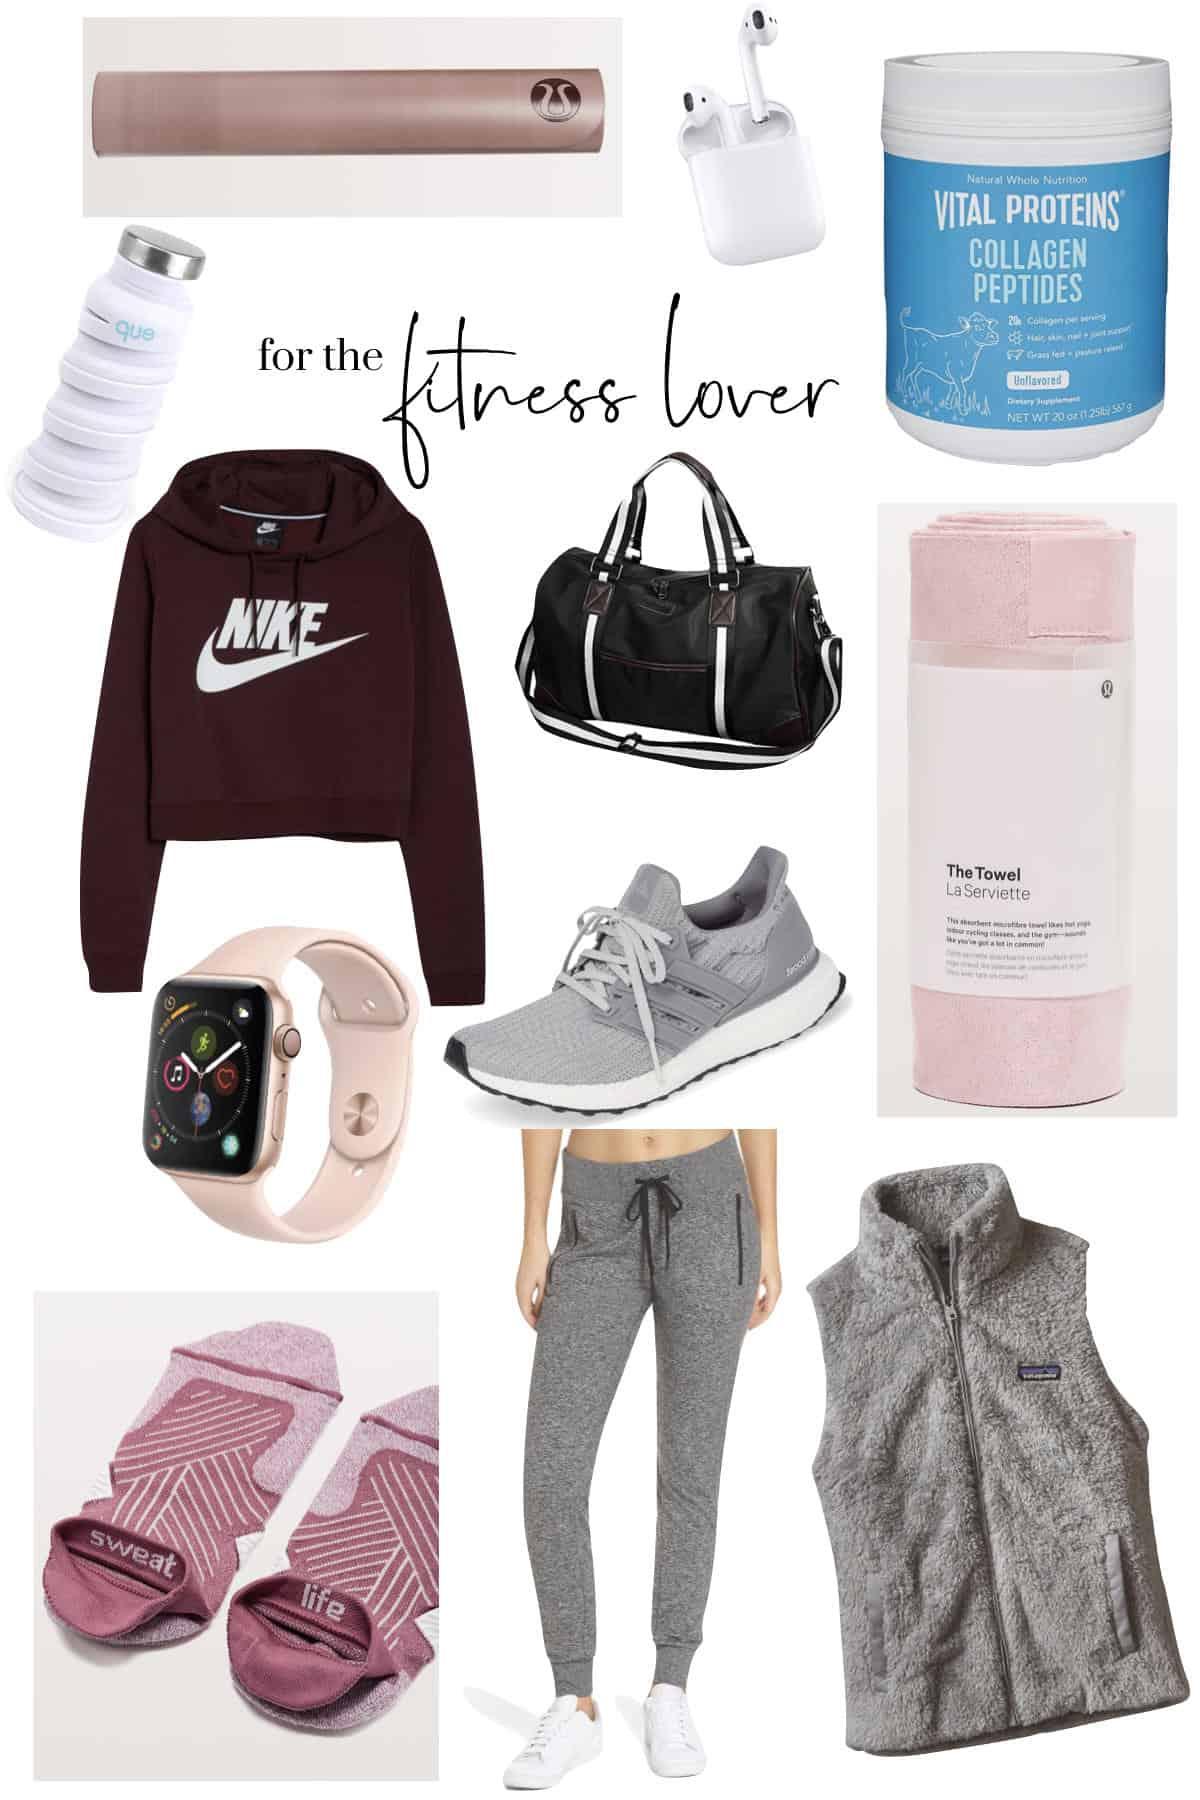 fitness lover gift guide